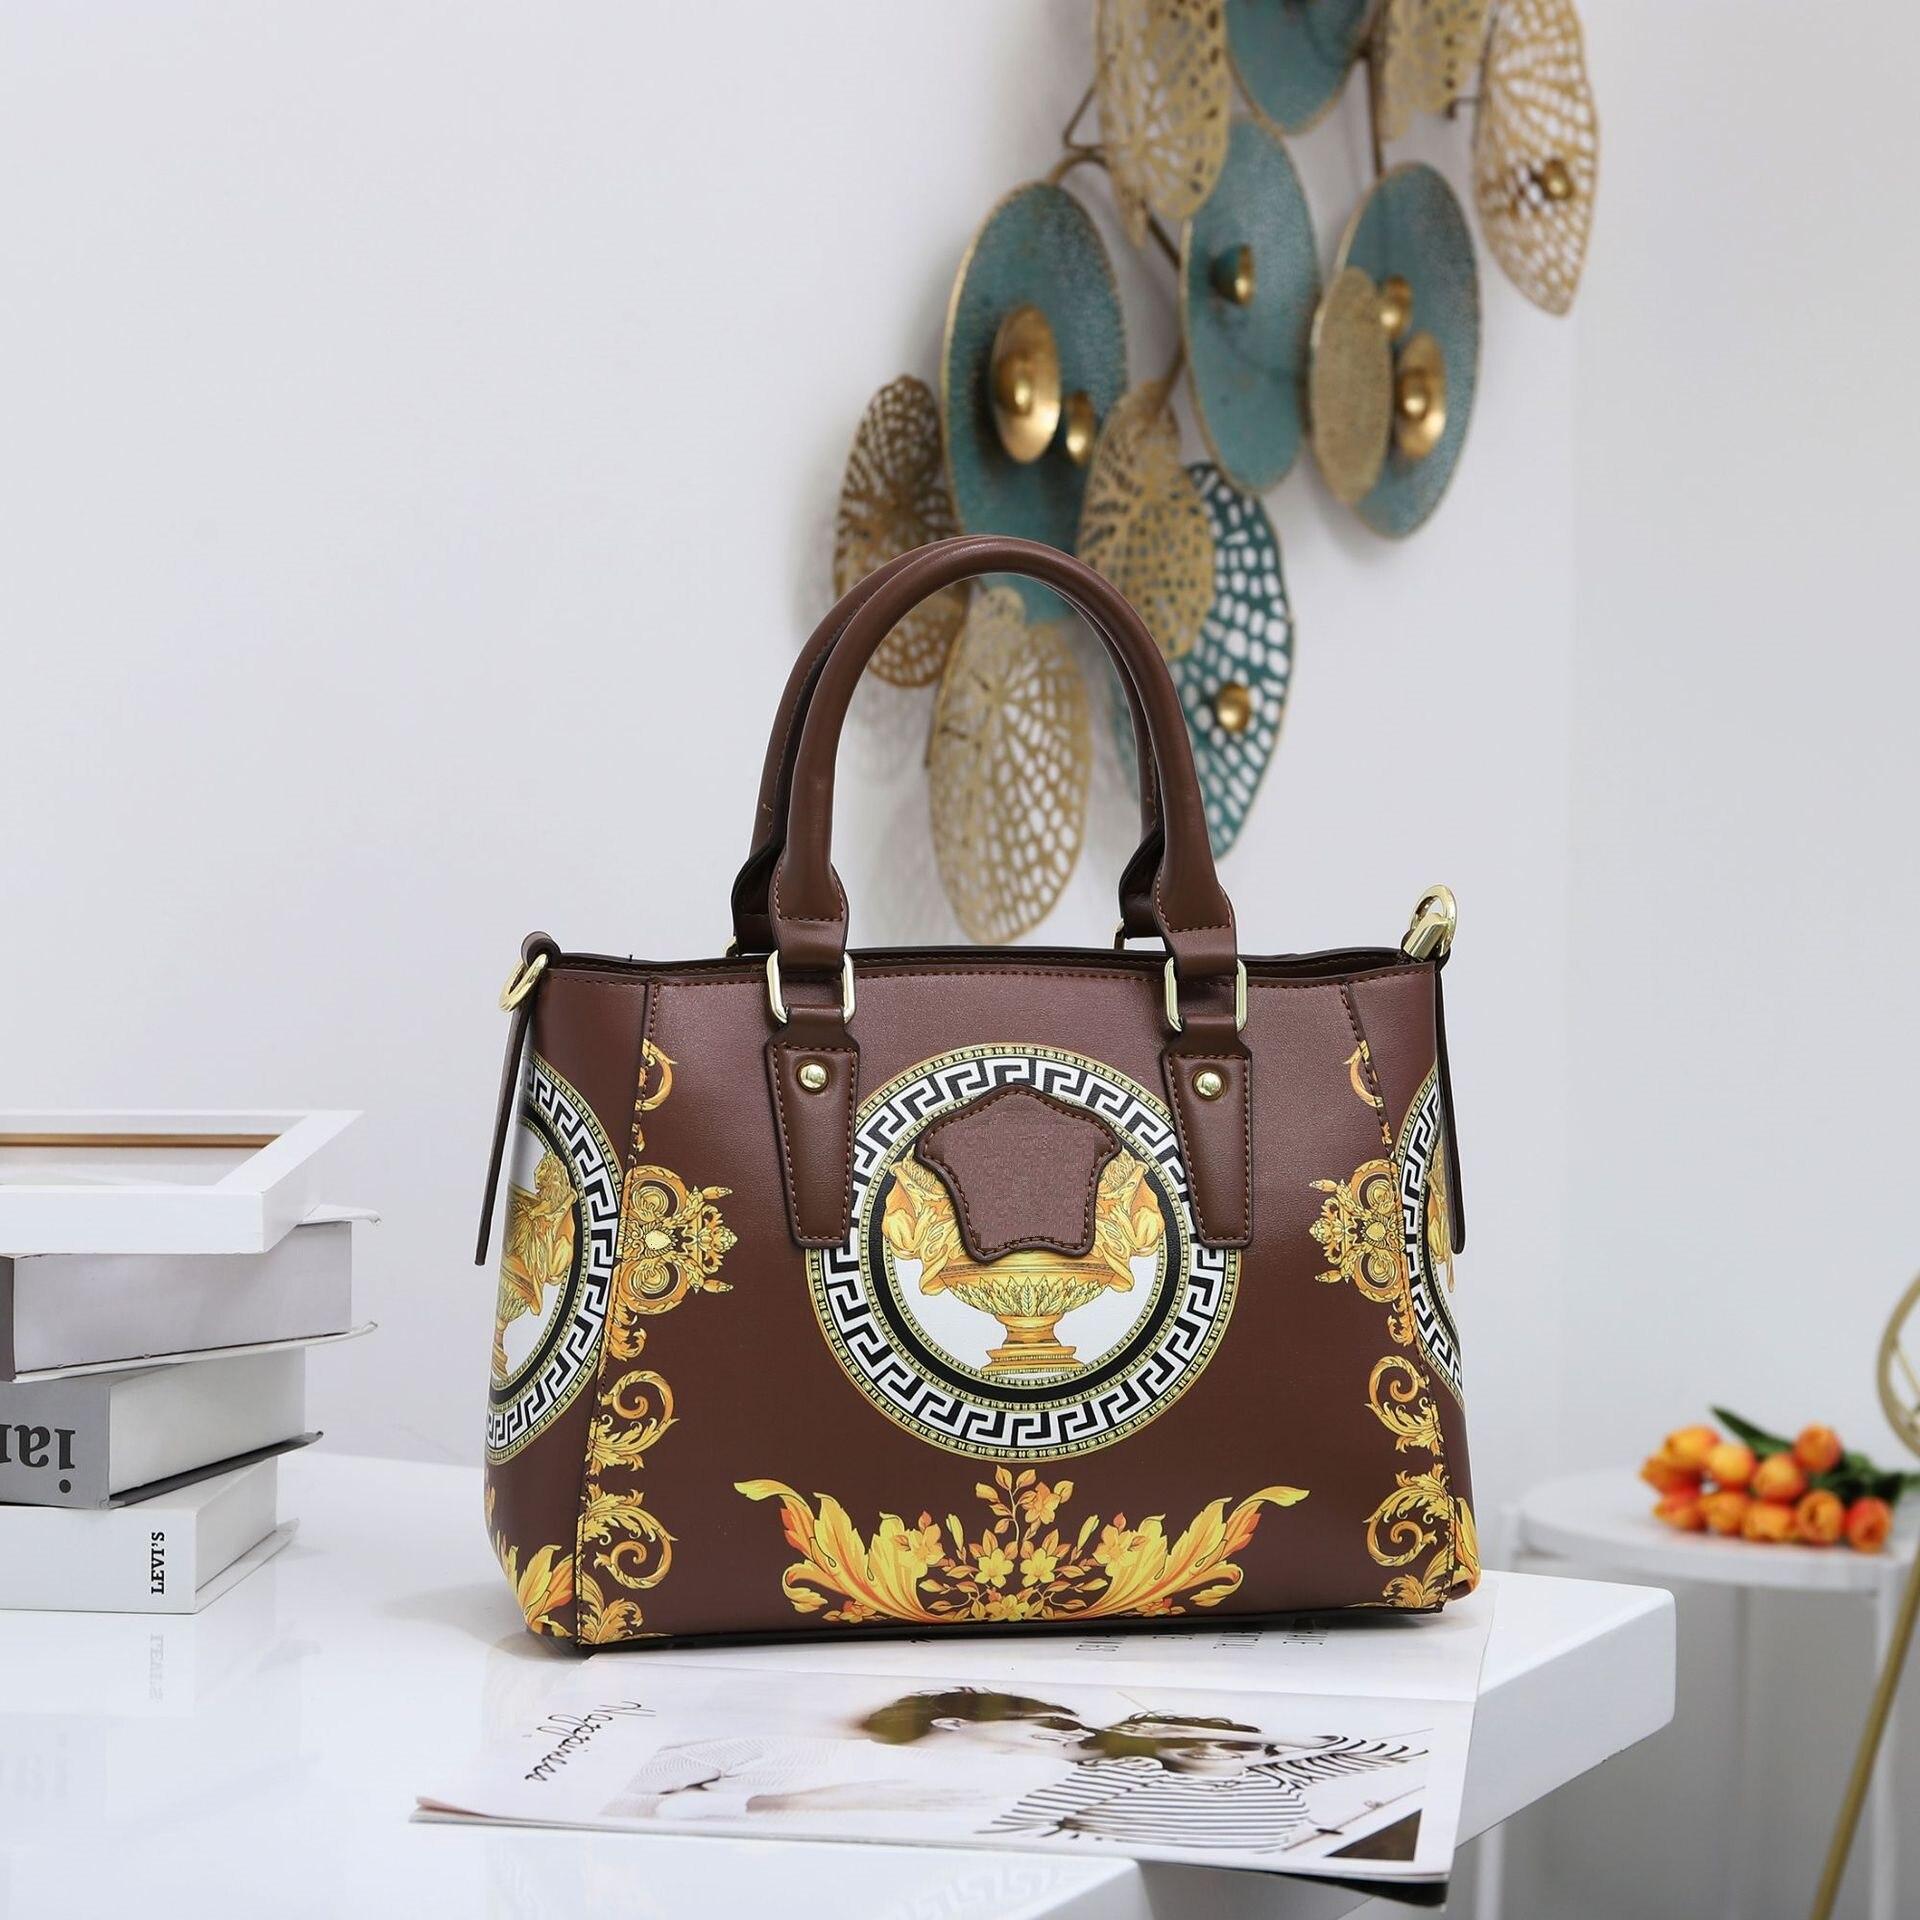 طباعة نمط بولي جاكيت جاكيت جلدي مقبض حقيبة يد للنساء الأوروبية والأمريكية الإناث أكتاف حقائب تسوق الأم الكبيرة